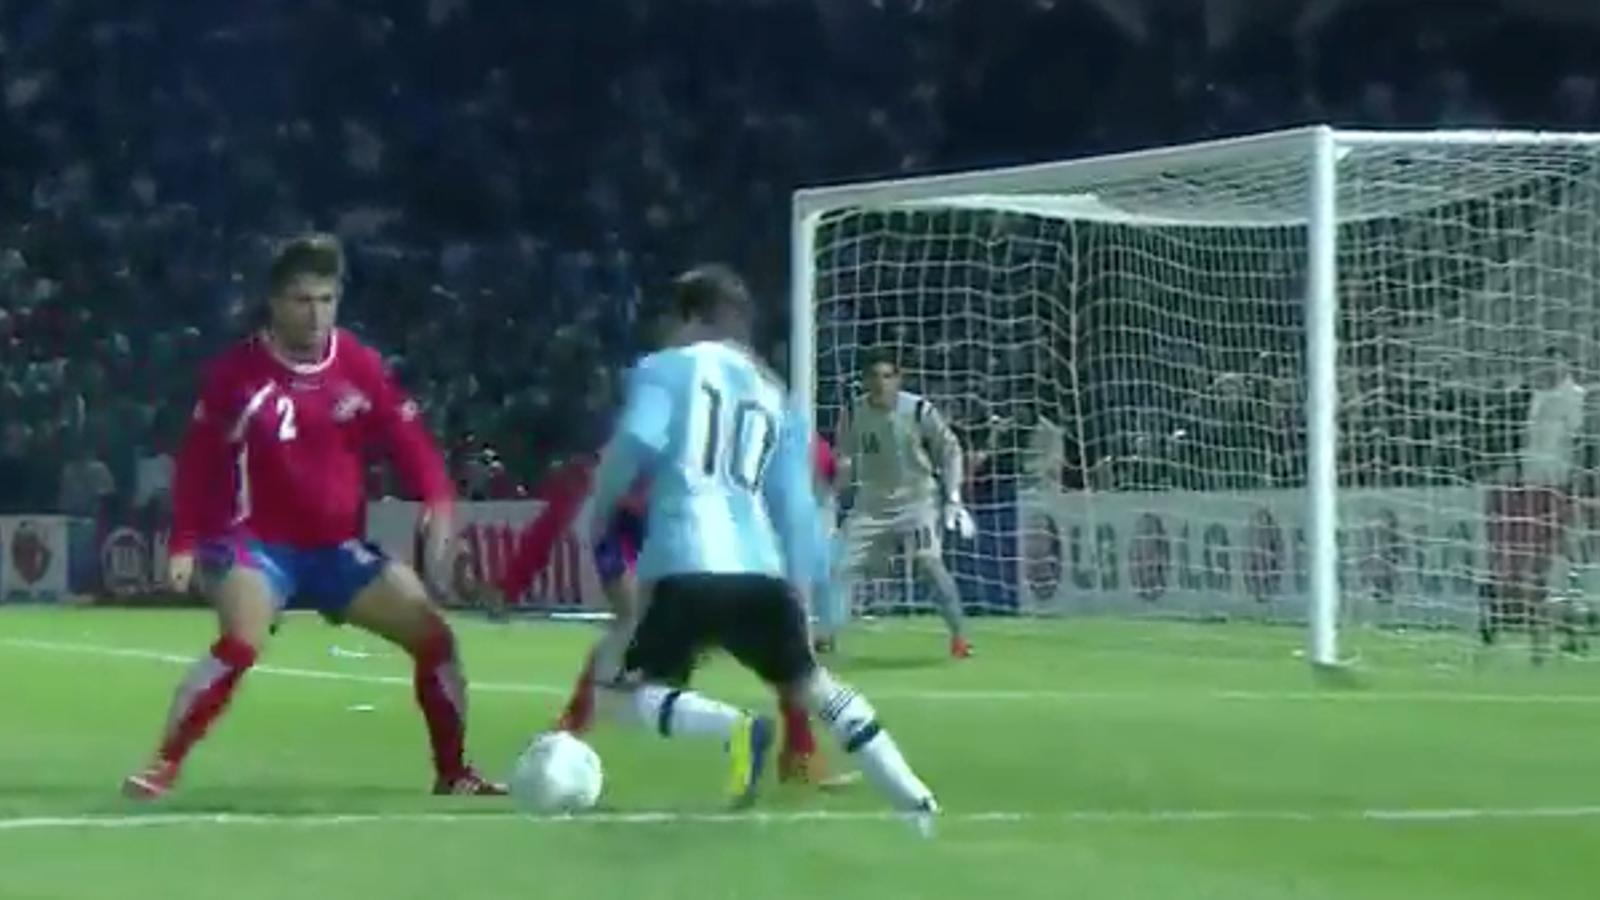 Resum de les millor jugades del Argentina-Costa Rica amb Messi com a líder amb dues grans assistències.